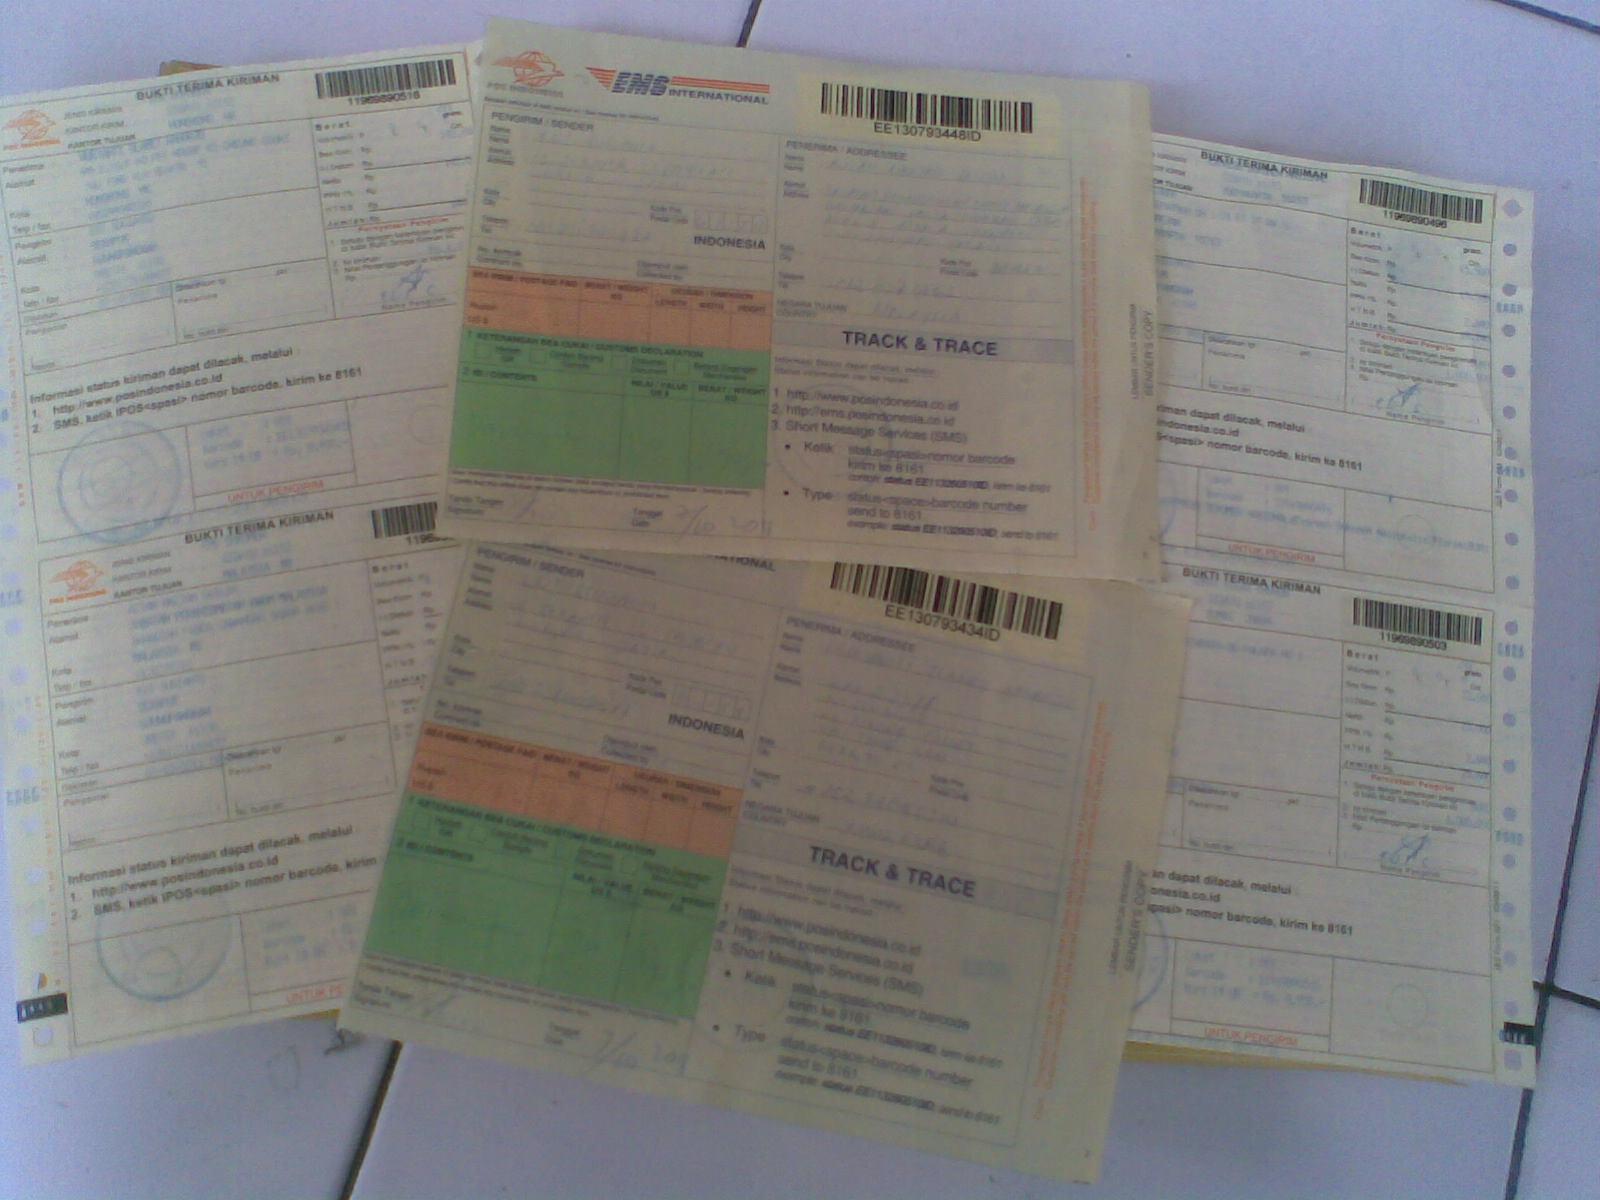 Melacak Status Pengiriman Paket Via Pos Indonesia Quantum